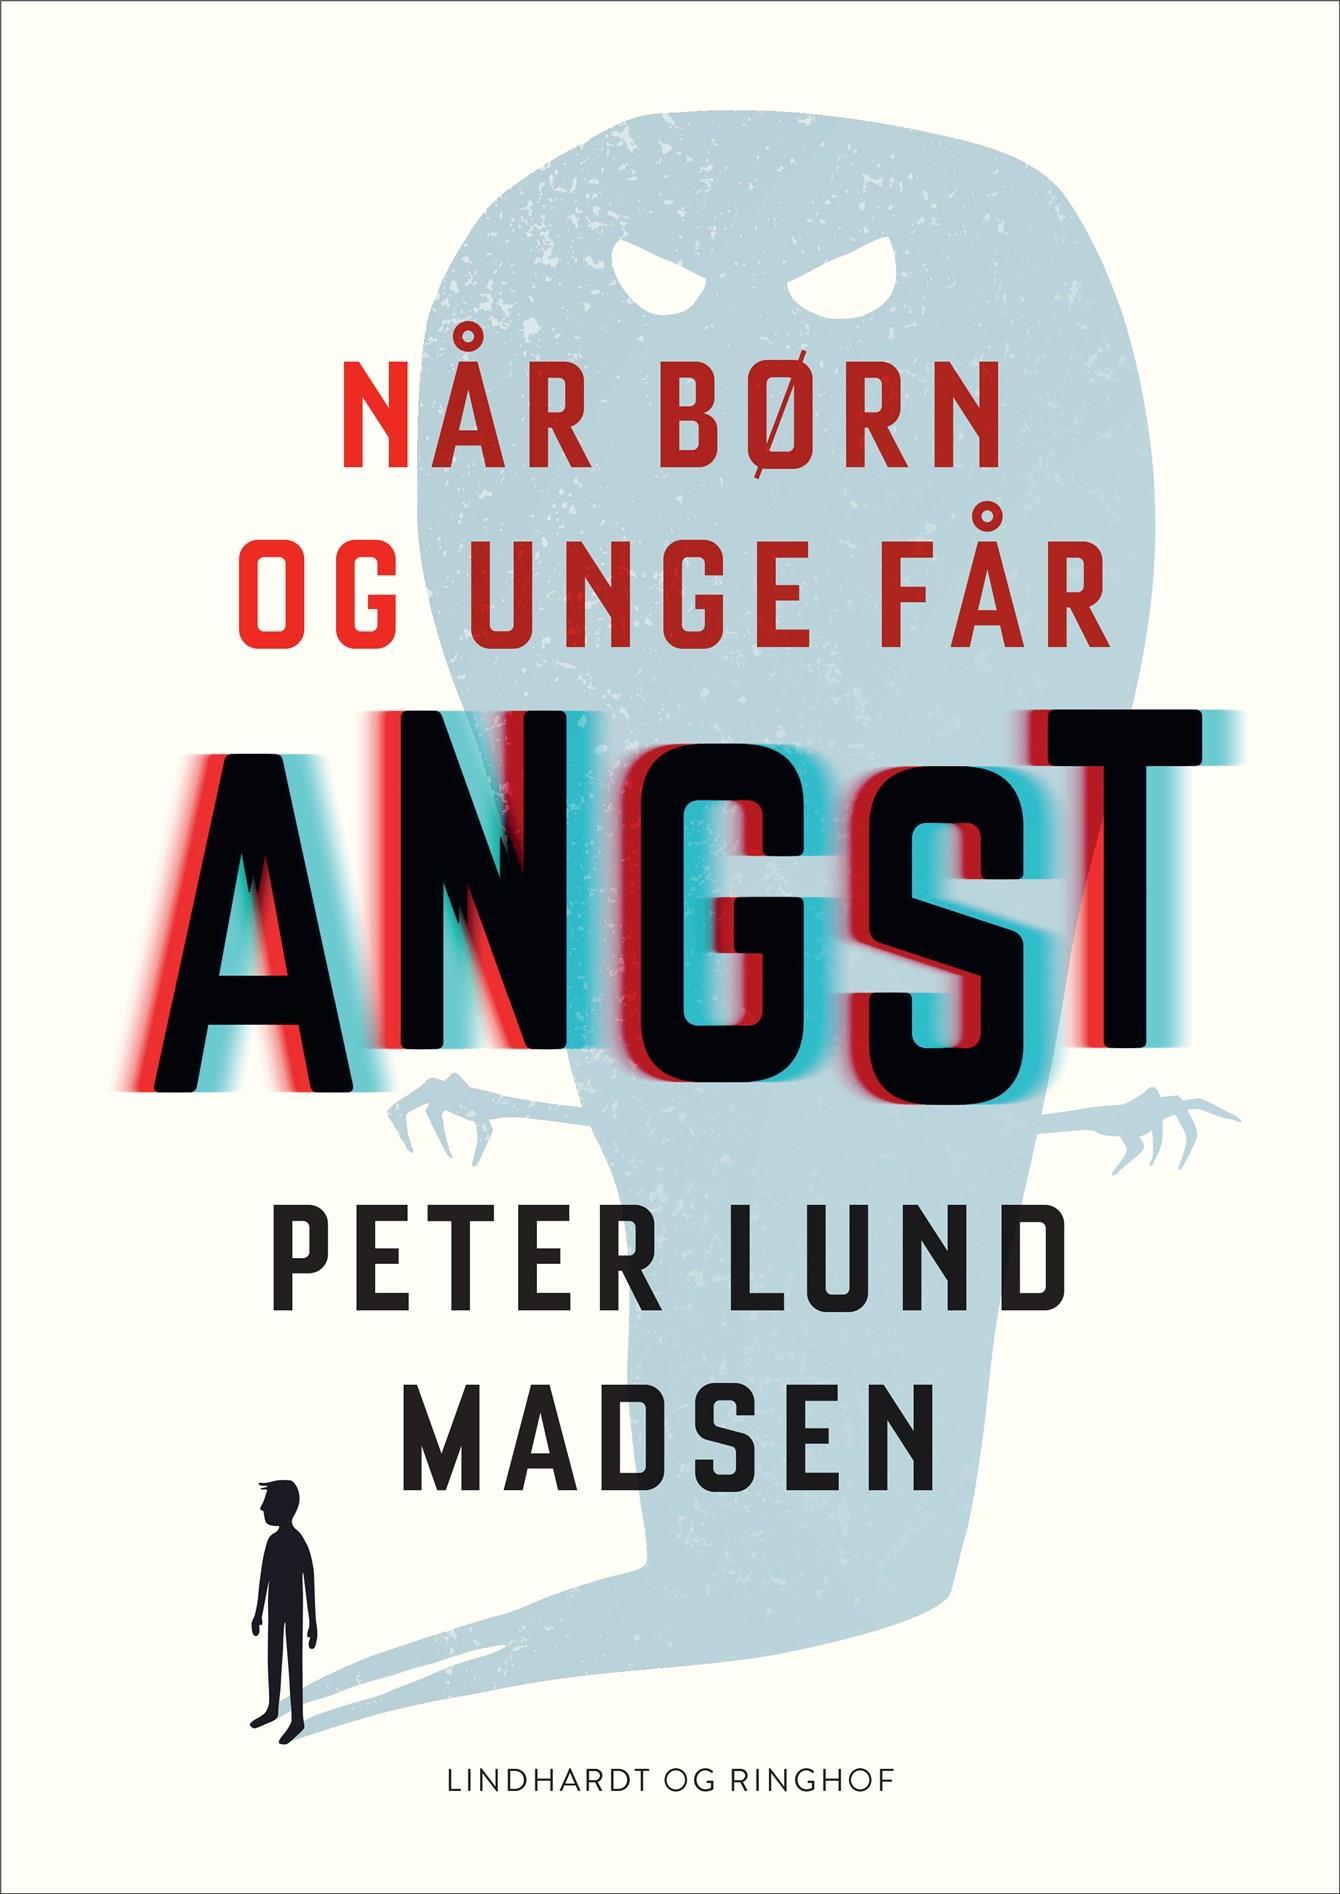 Når børn og unge får angst - Peter Lund Madsen - Bøger - Lindhardt og Ringhof - 9788711914083 - April 27, 2021